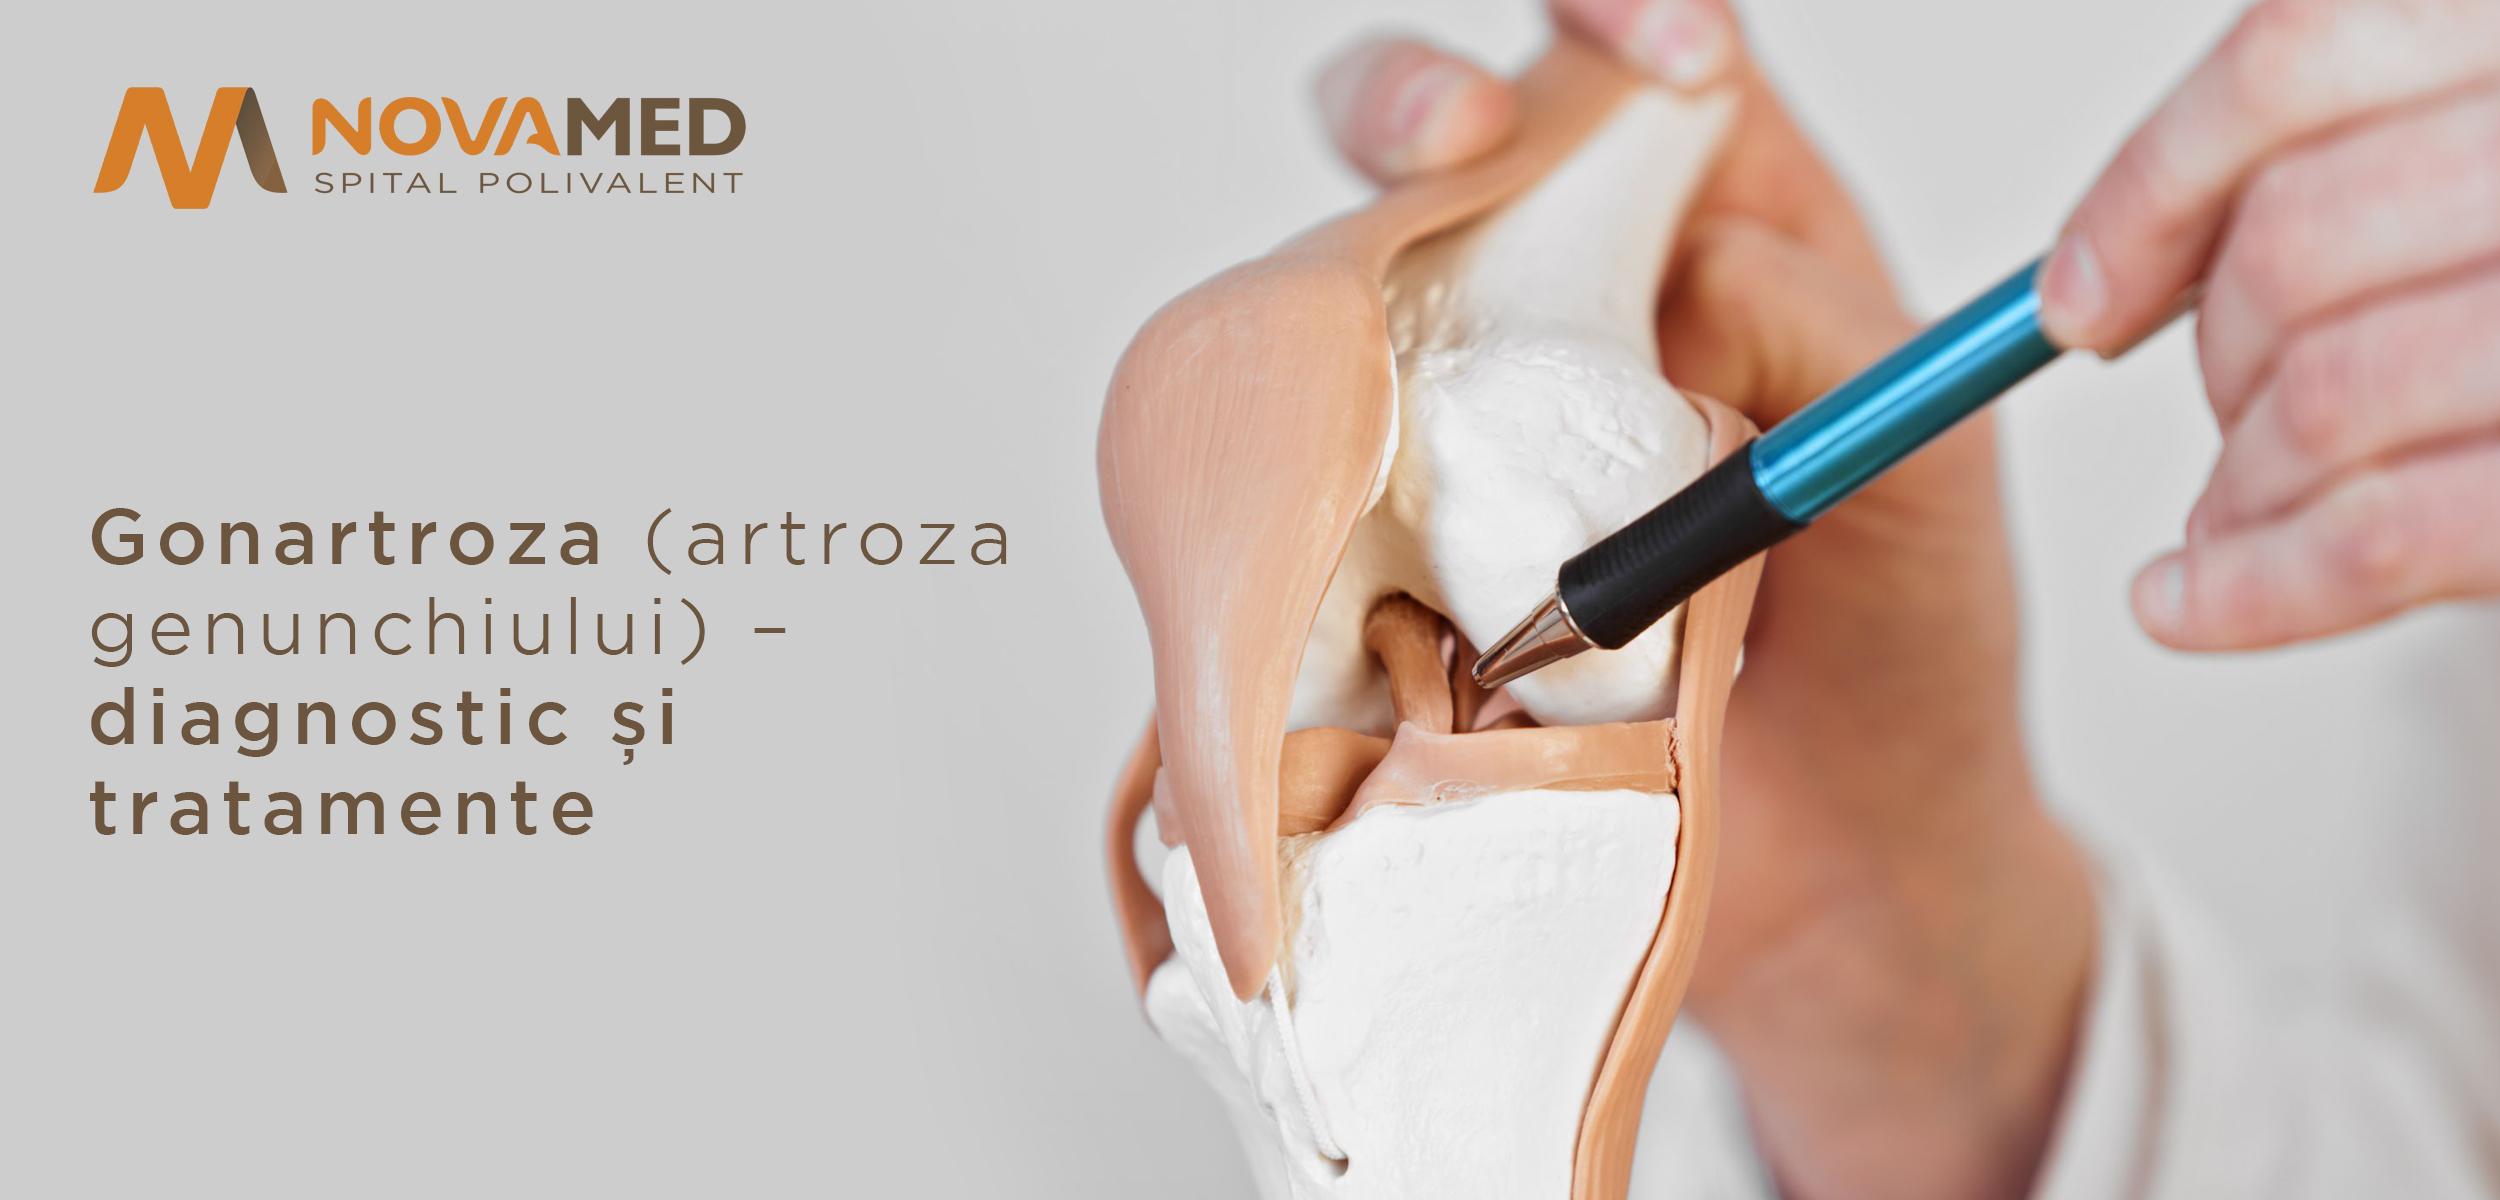 Tratamentul artrozei genunchiului cu magneți. Navigation menu